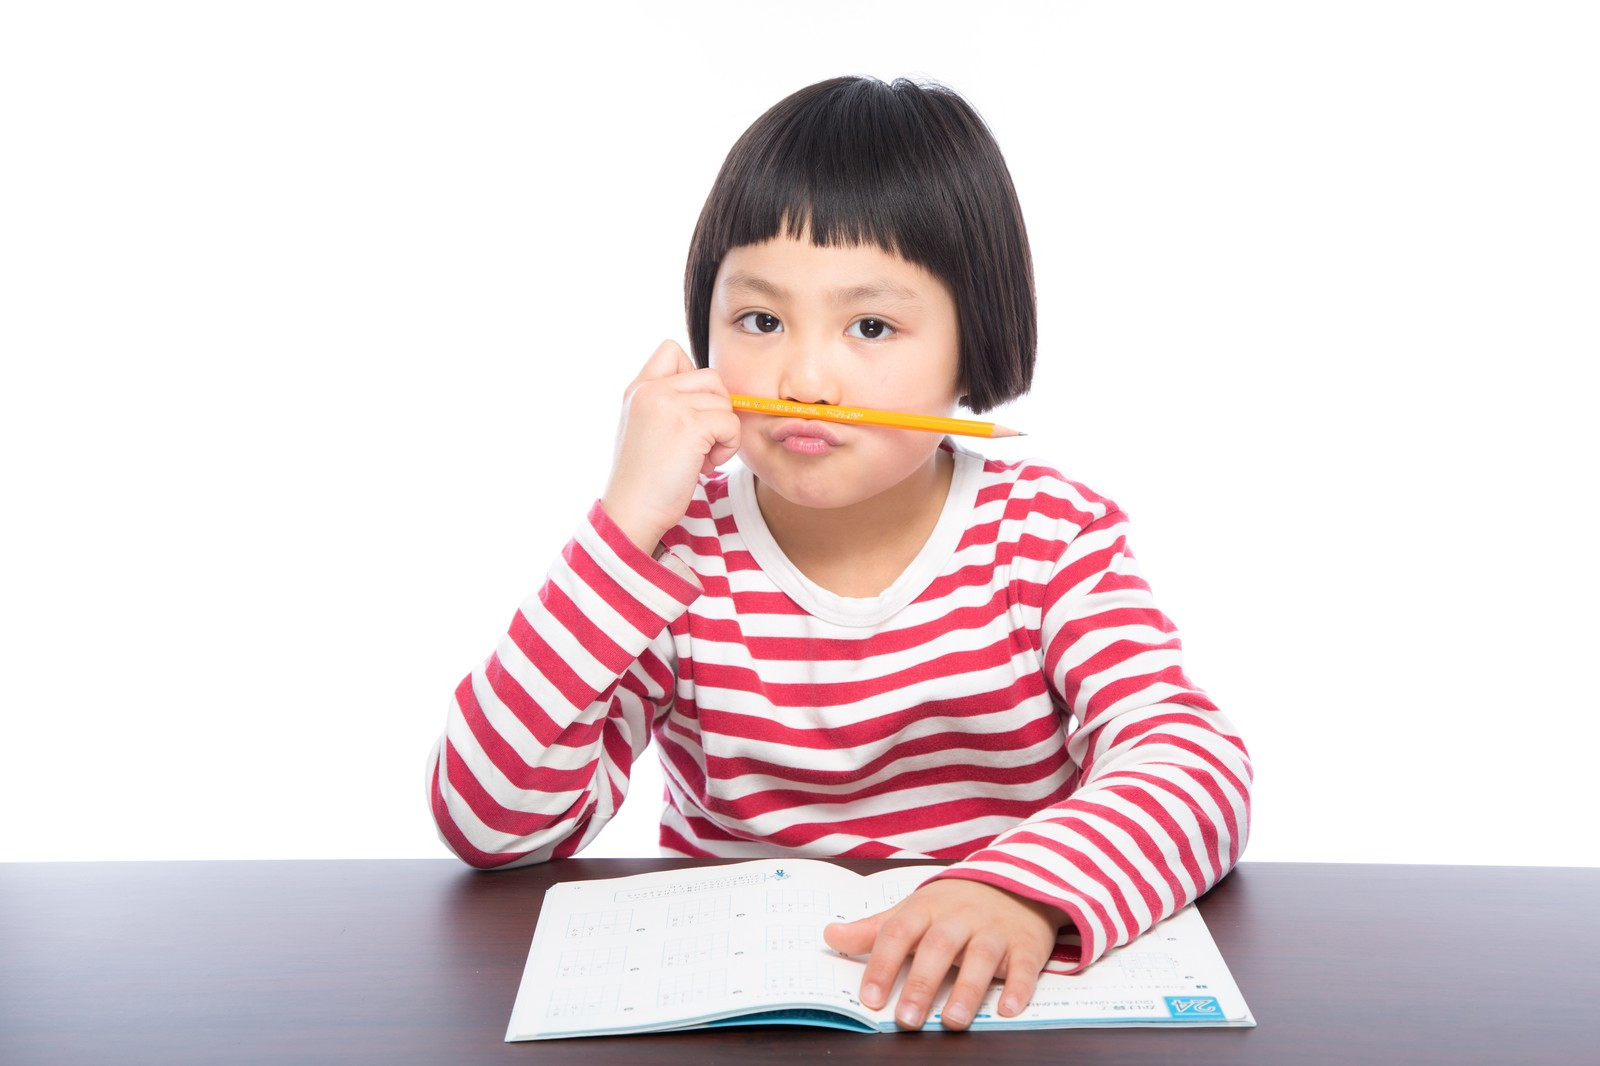 小学生の子供【宿題に時間がかかる!】3つの秘策で即改善できます!